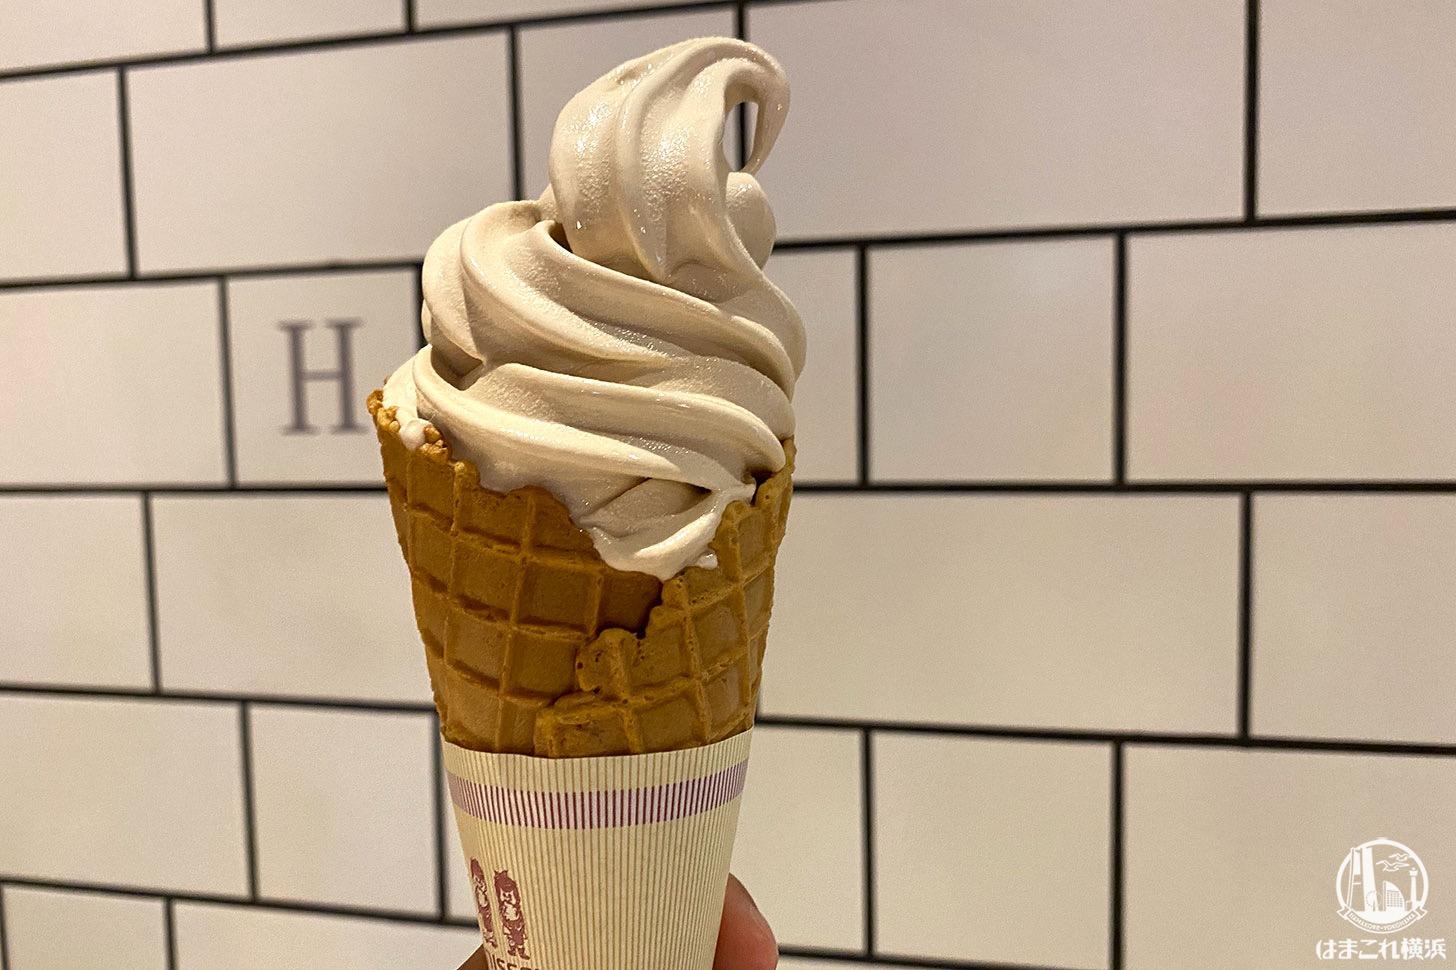 カフェオレソフトクリーム